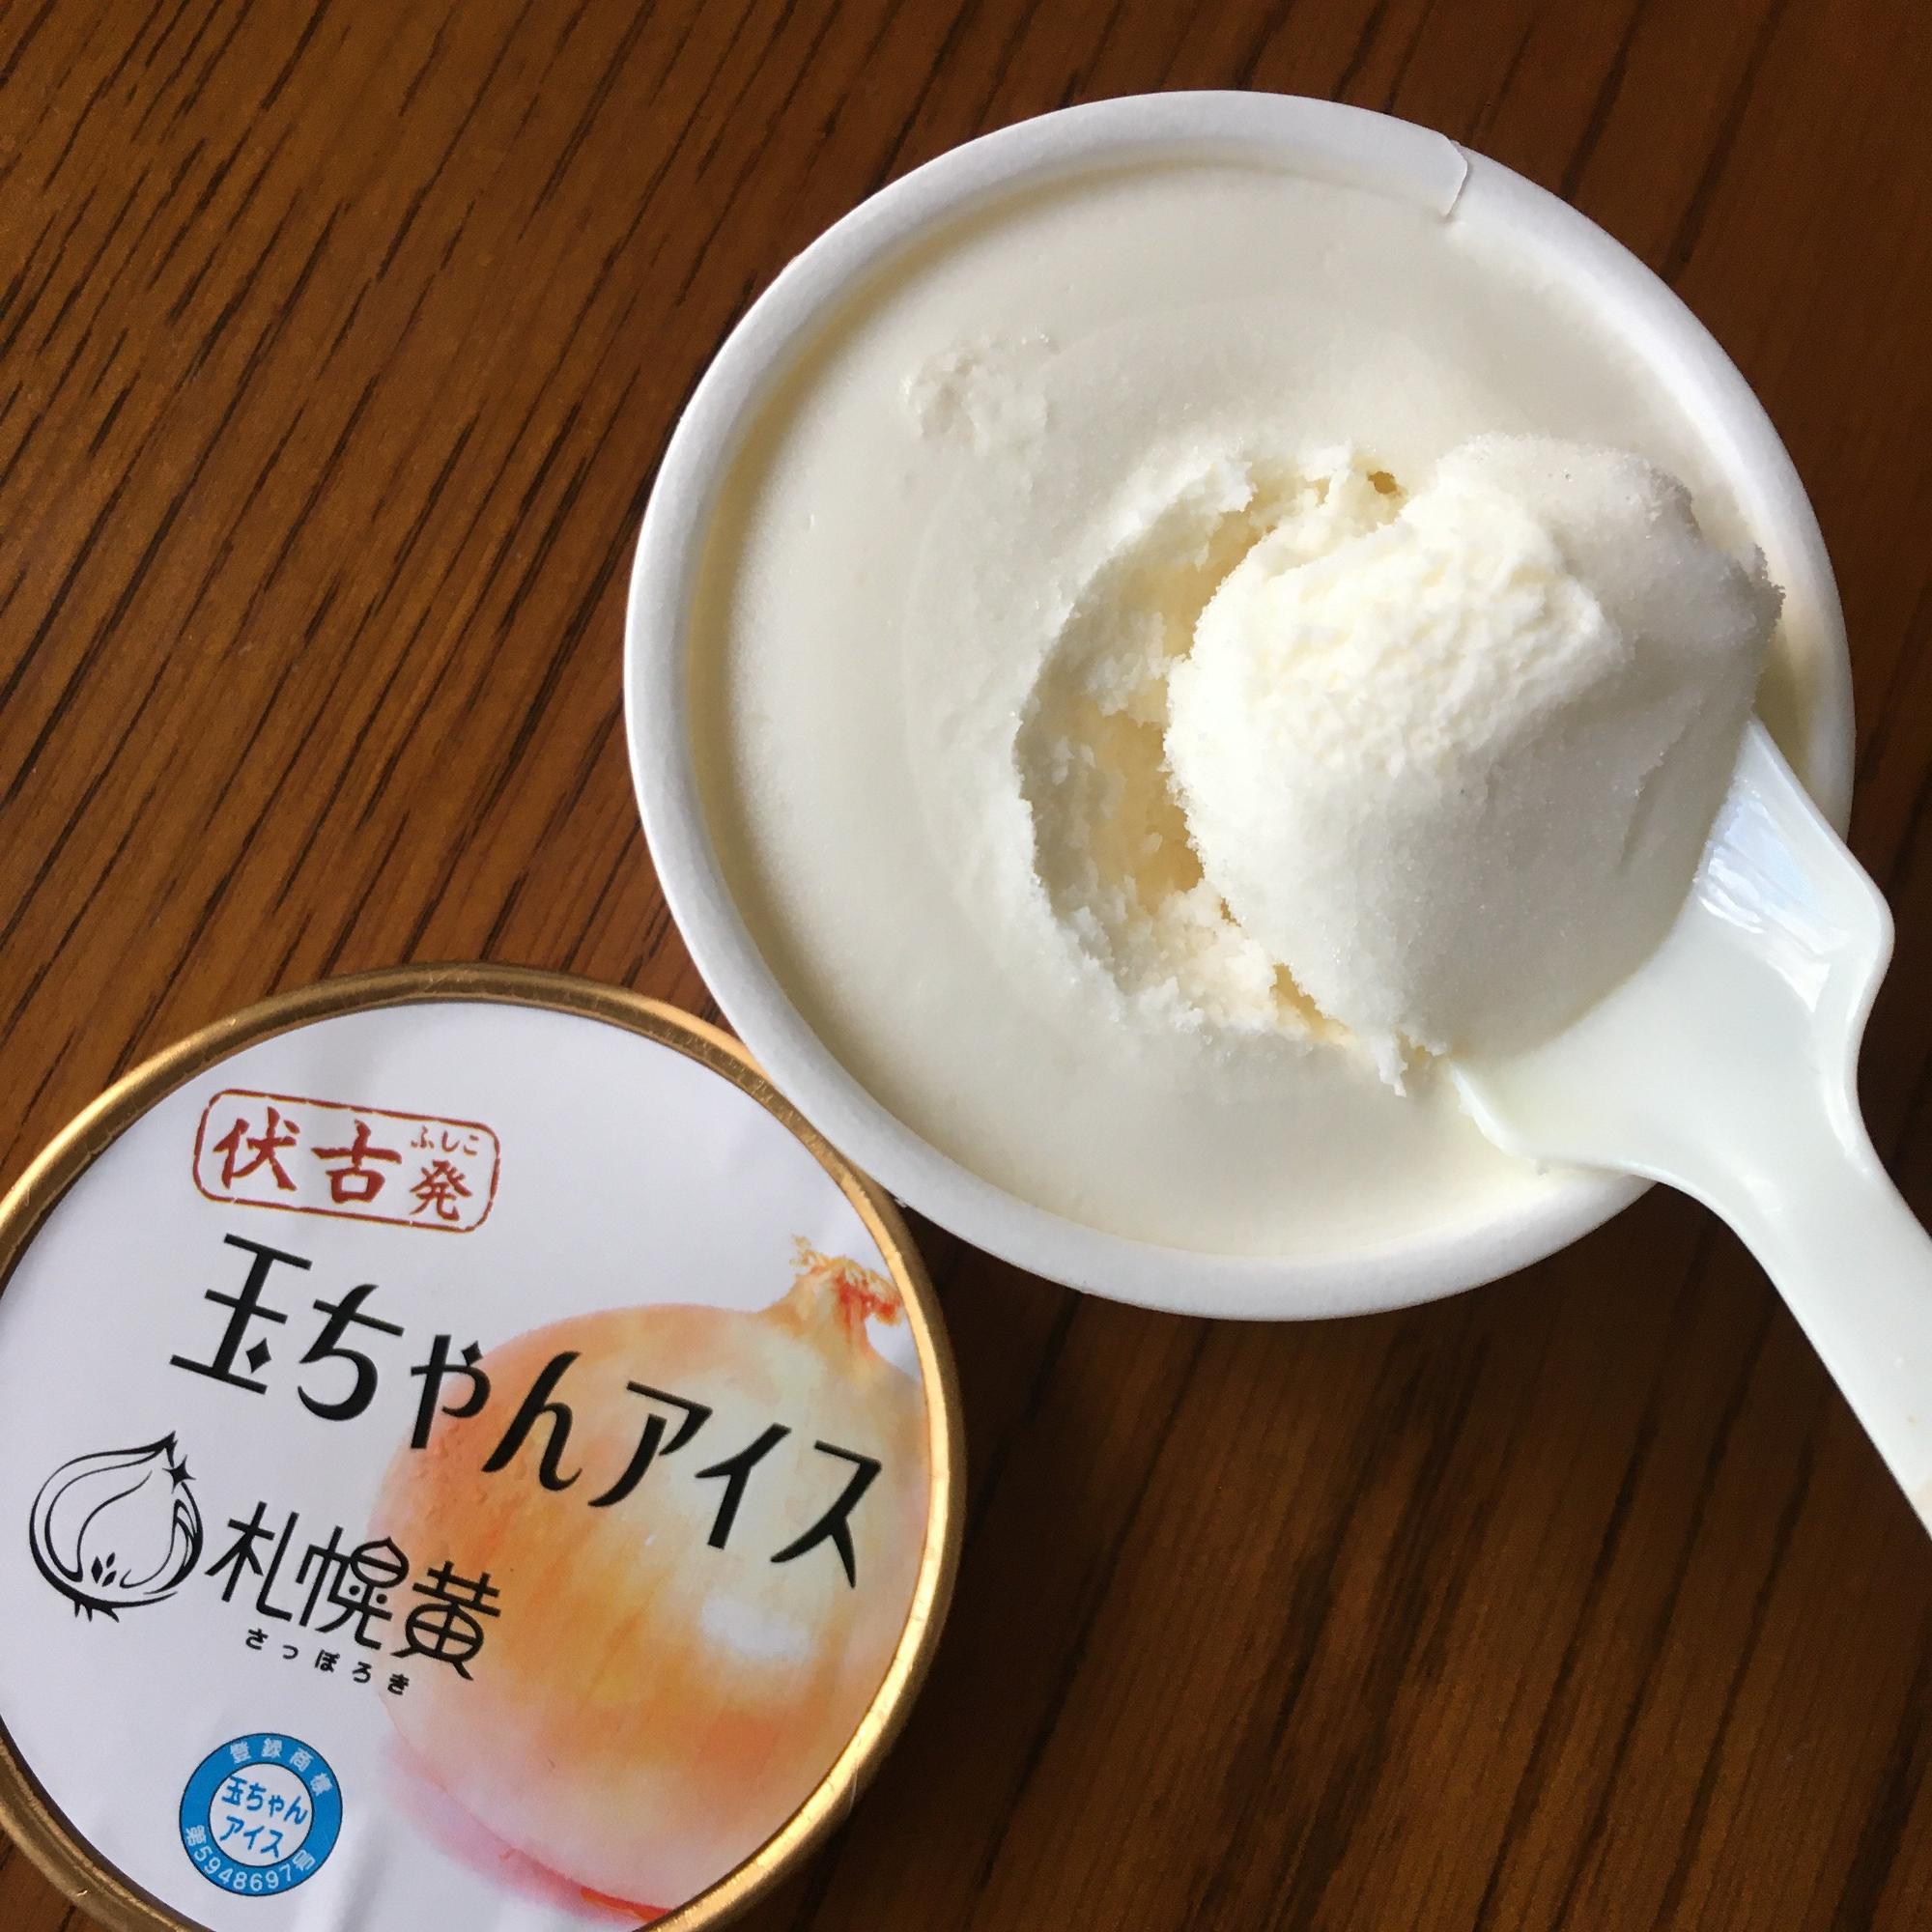 バニラアイスですが、口に入れると炒めタマネギの少し香ばしい風味と甘さが残ります